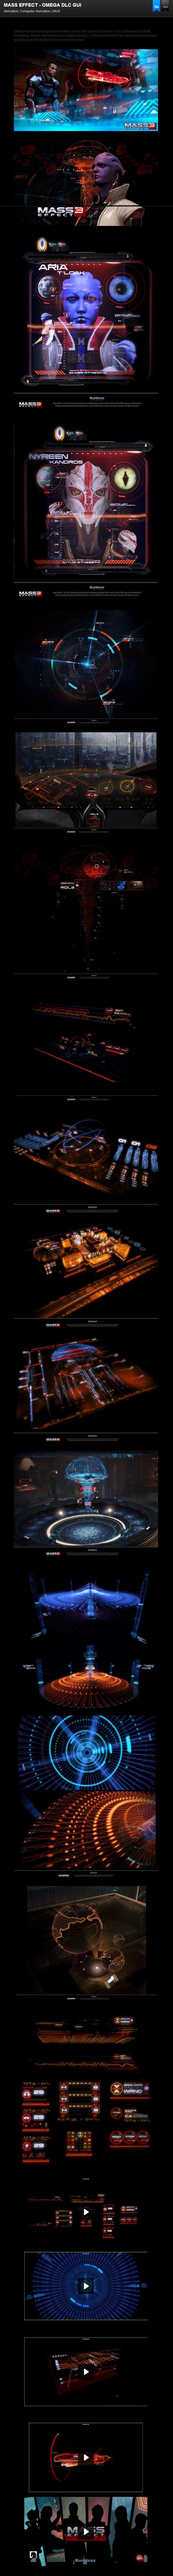 MASS EFFECT - OMEGA DLC GUI, by Eric Bellefeuille